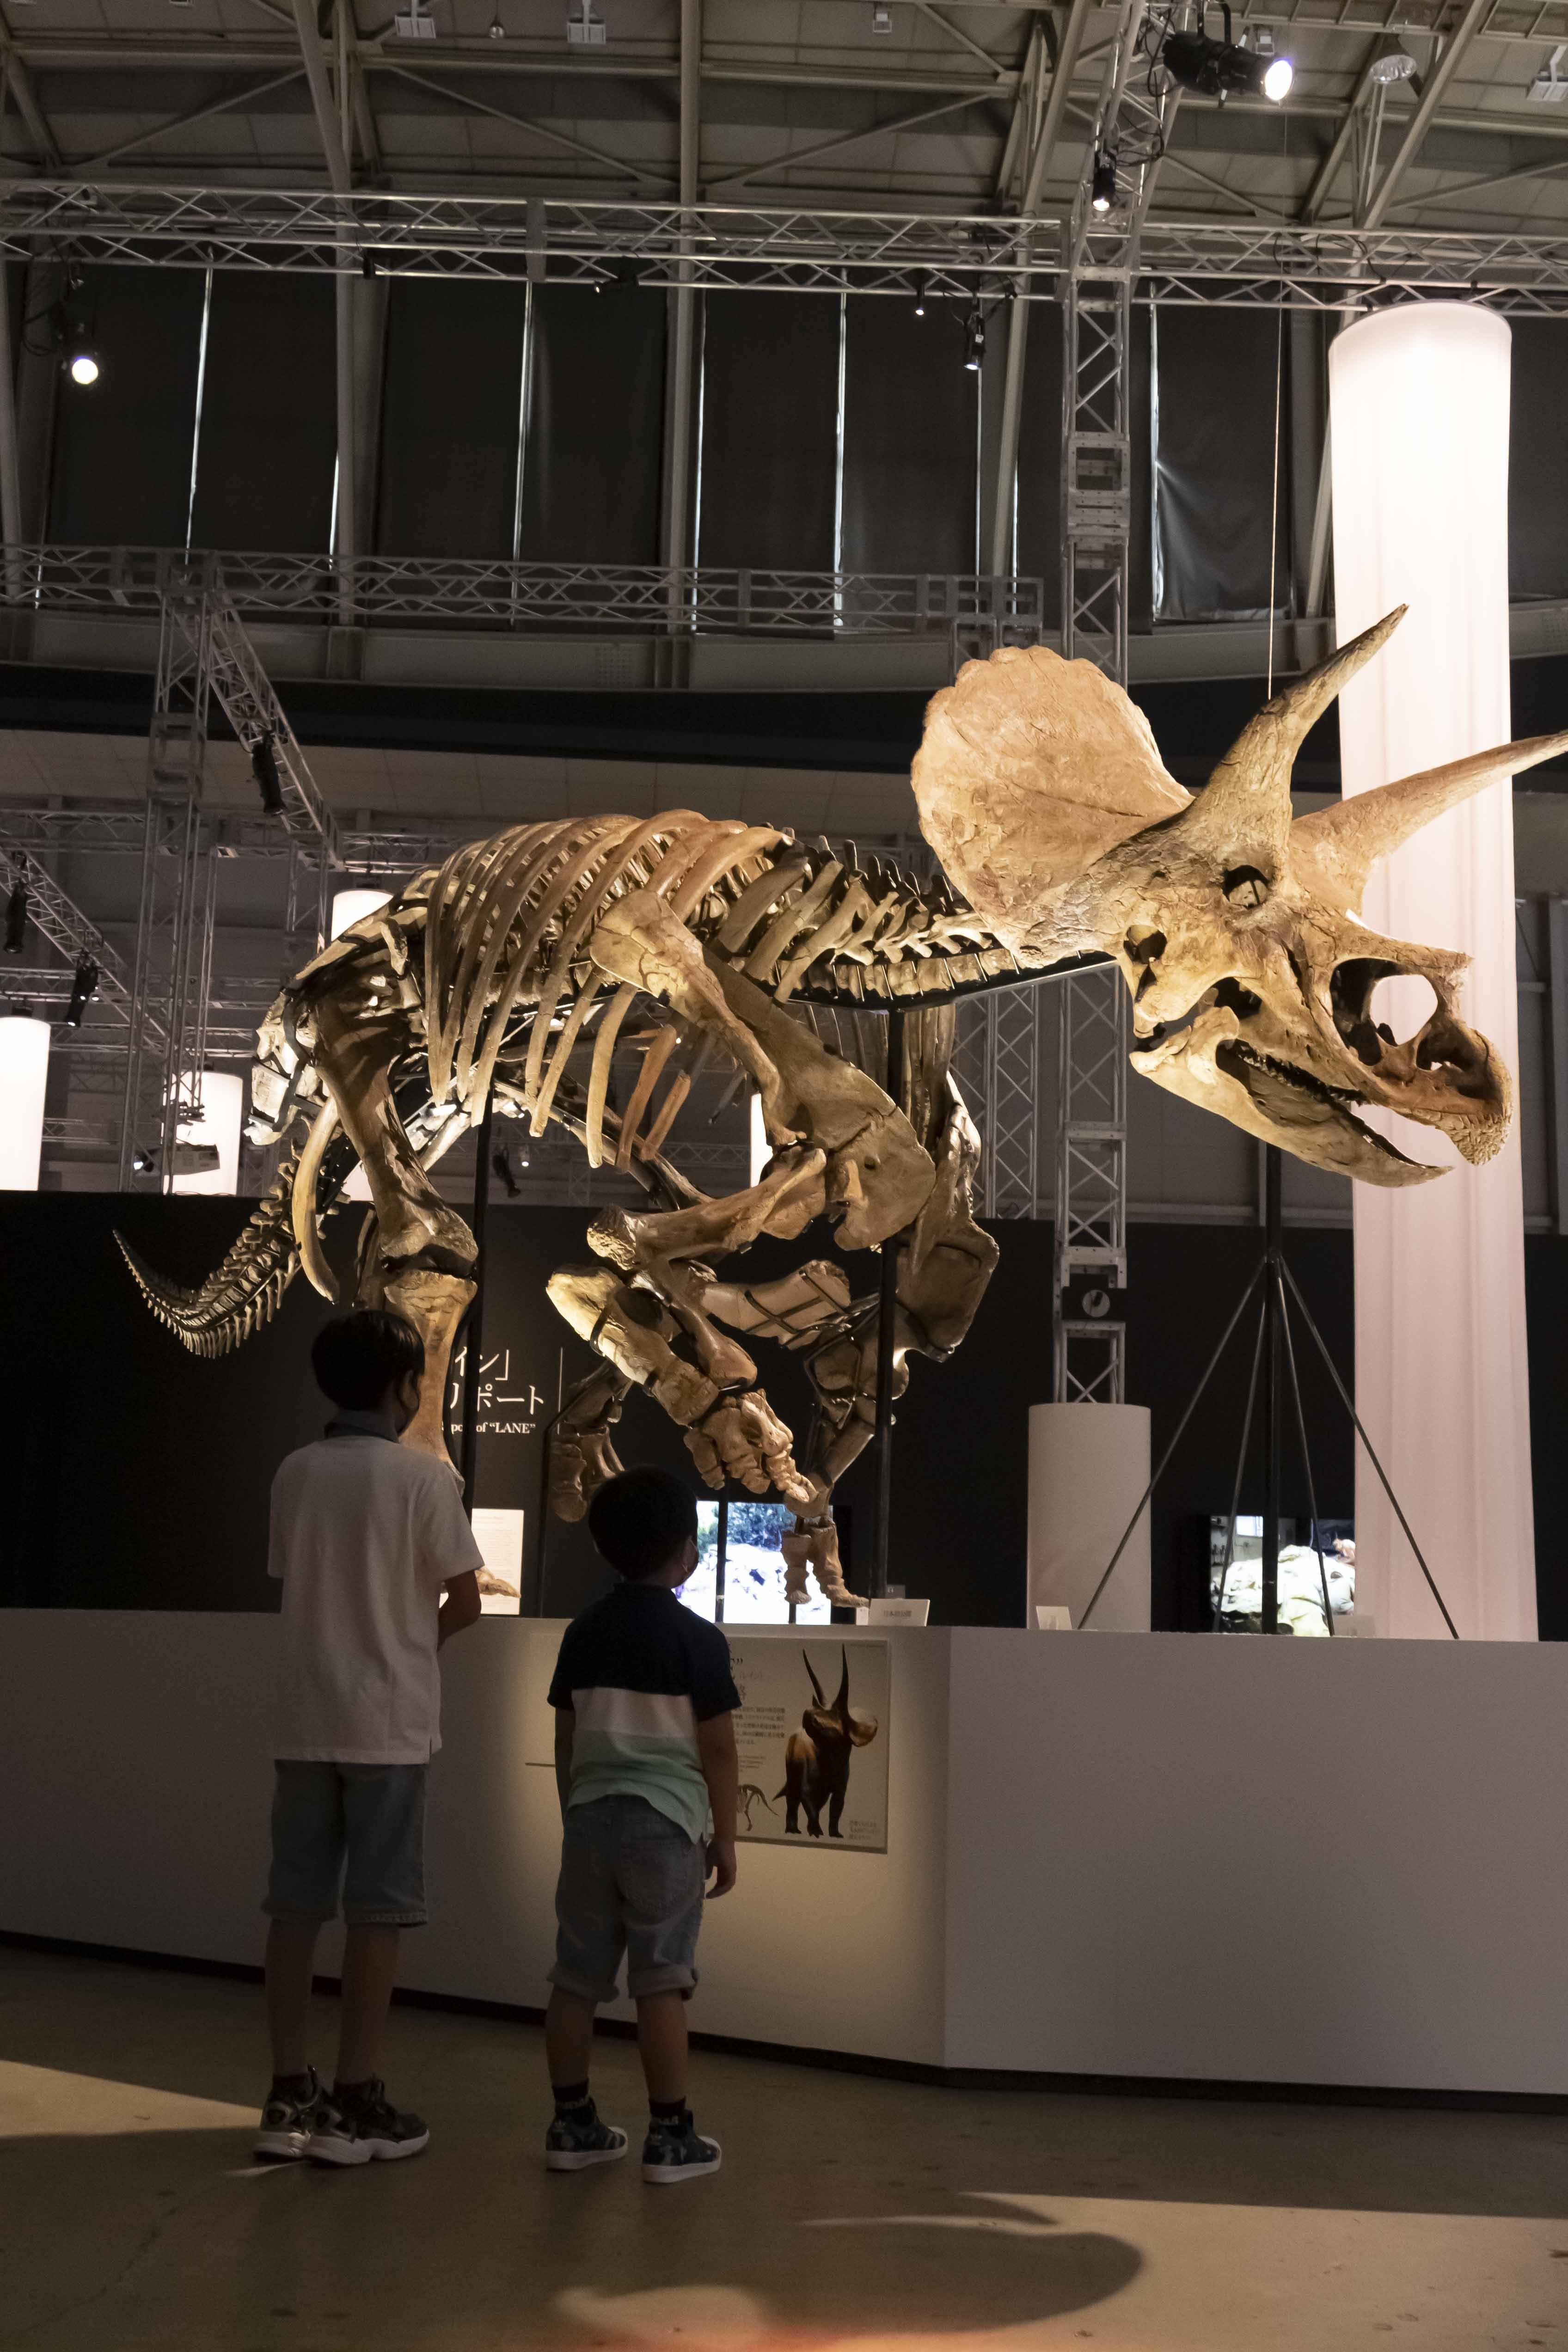 「レイン」と恒陽くん・恒瑛くんの歳の差はおよそ6590万歳だ (C)DinoScience 恐竜科学博製作委員会